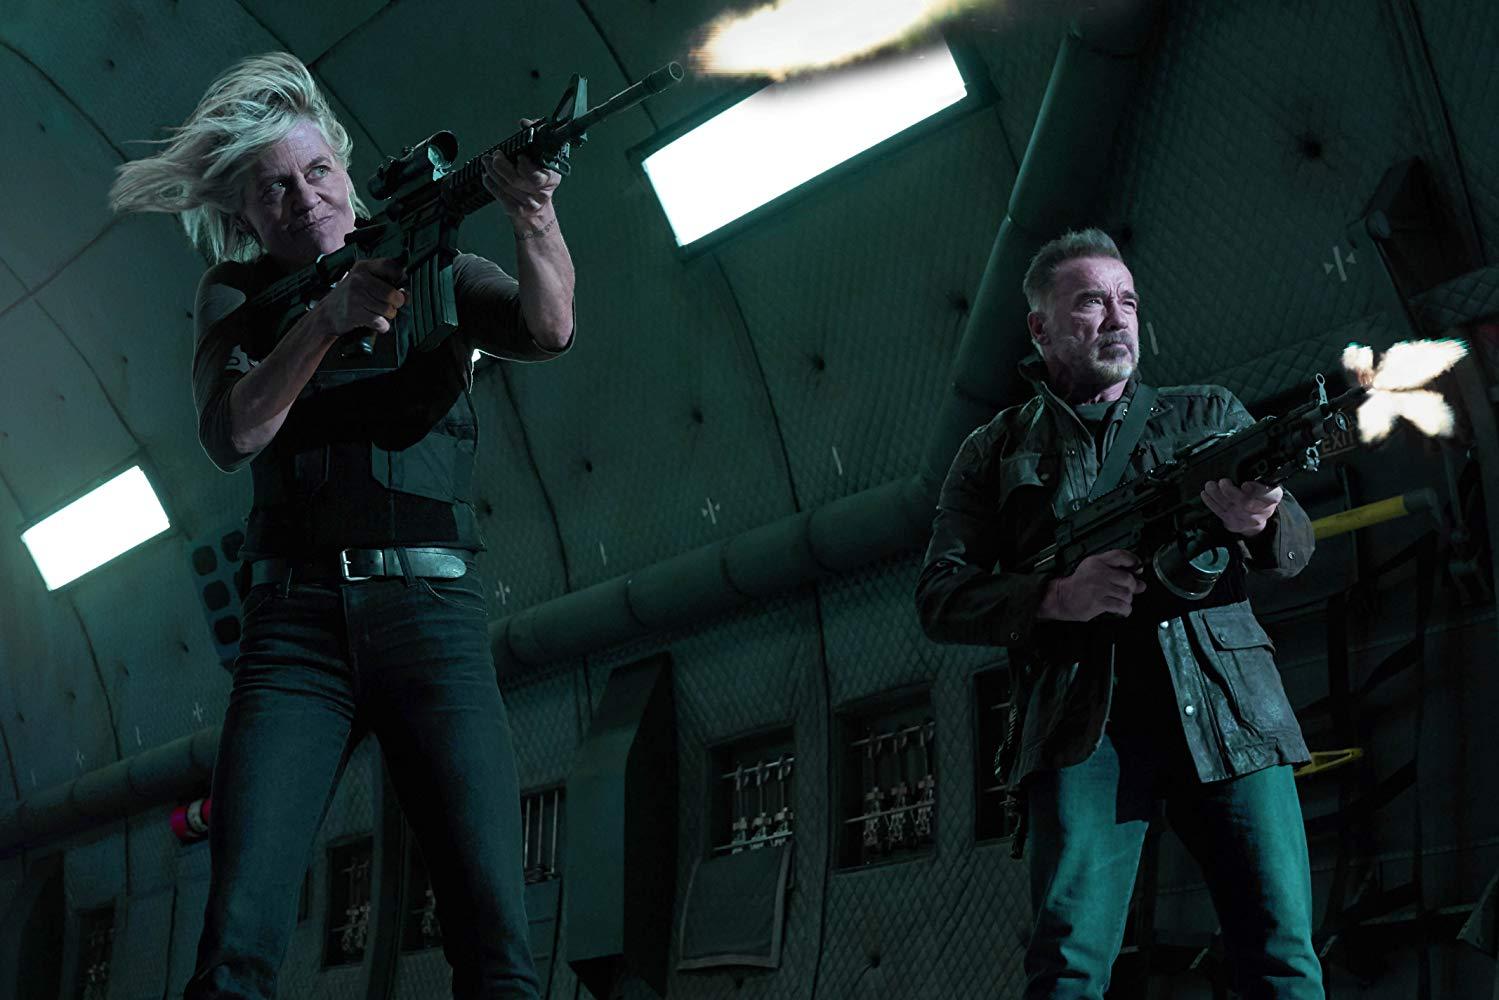 Nem o retorno de Linda Hamilton e Arnold Schwarzenegger à franquia conseguiu salvar a bilheteria (Fonte: IMDb/Reprodução)